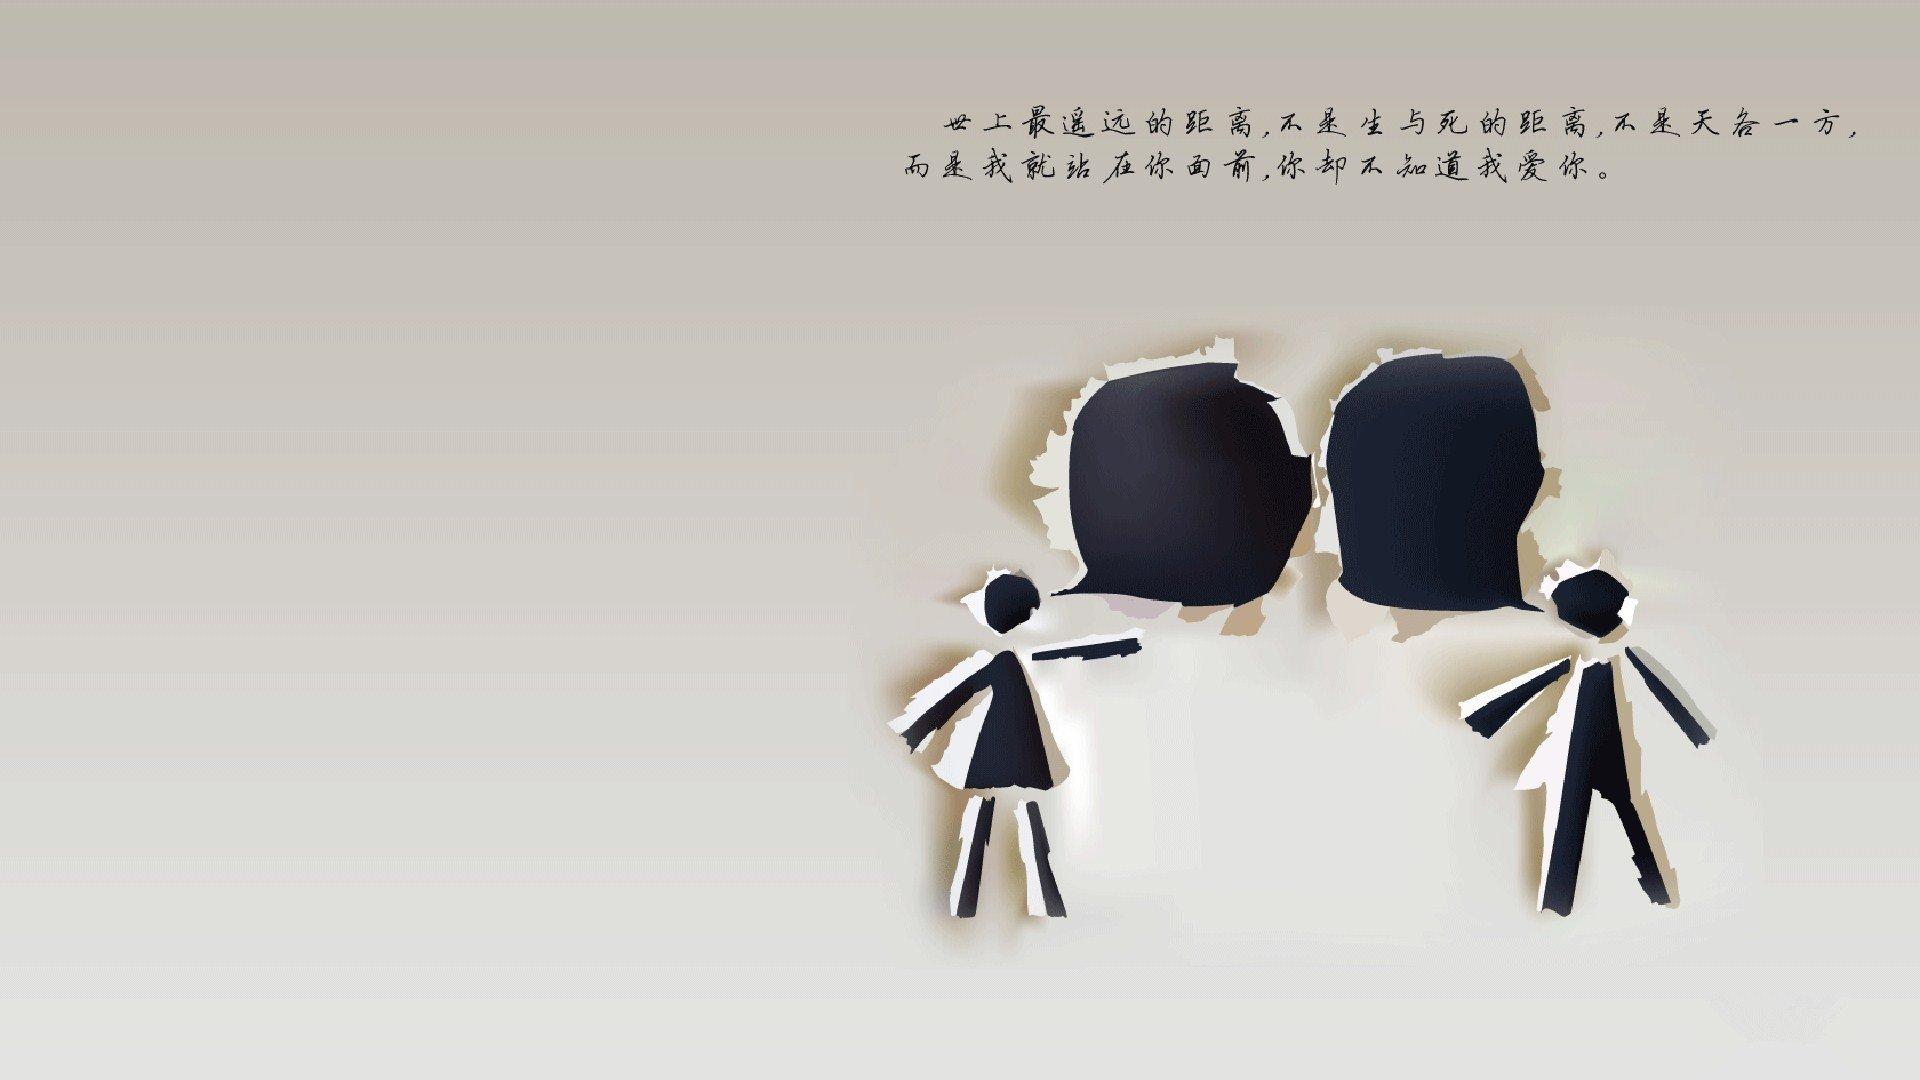 李龙大和林允儿出演过什么综艺吗?